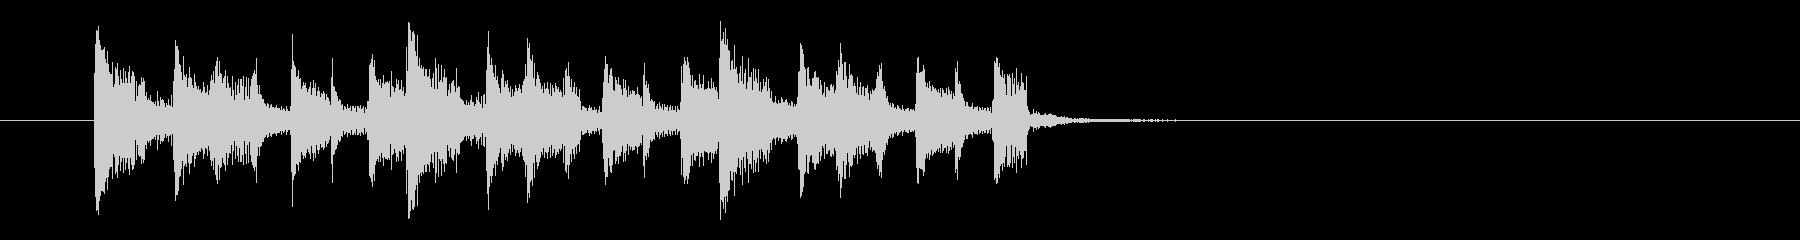 不思議でキャッチ―なシンセジングルの未再生の波形